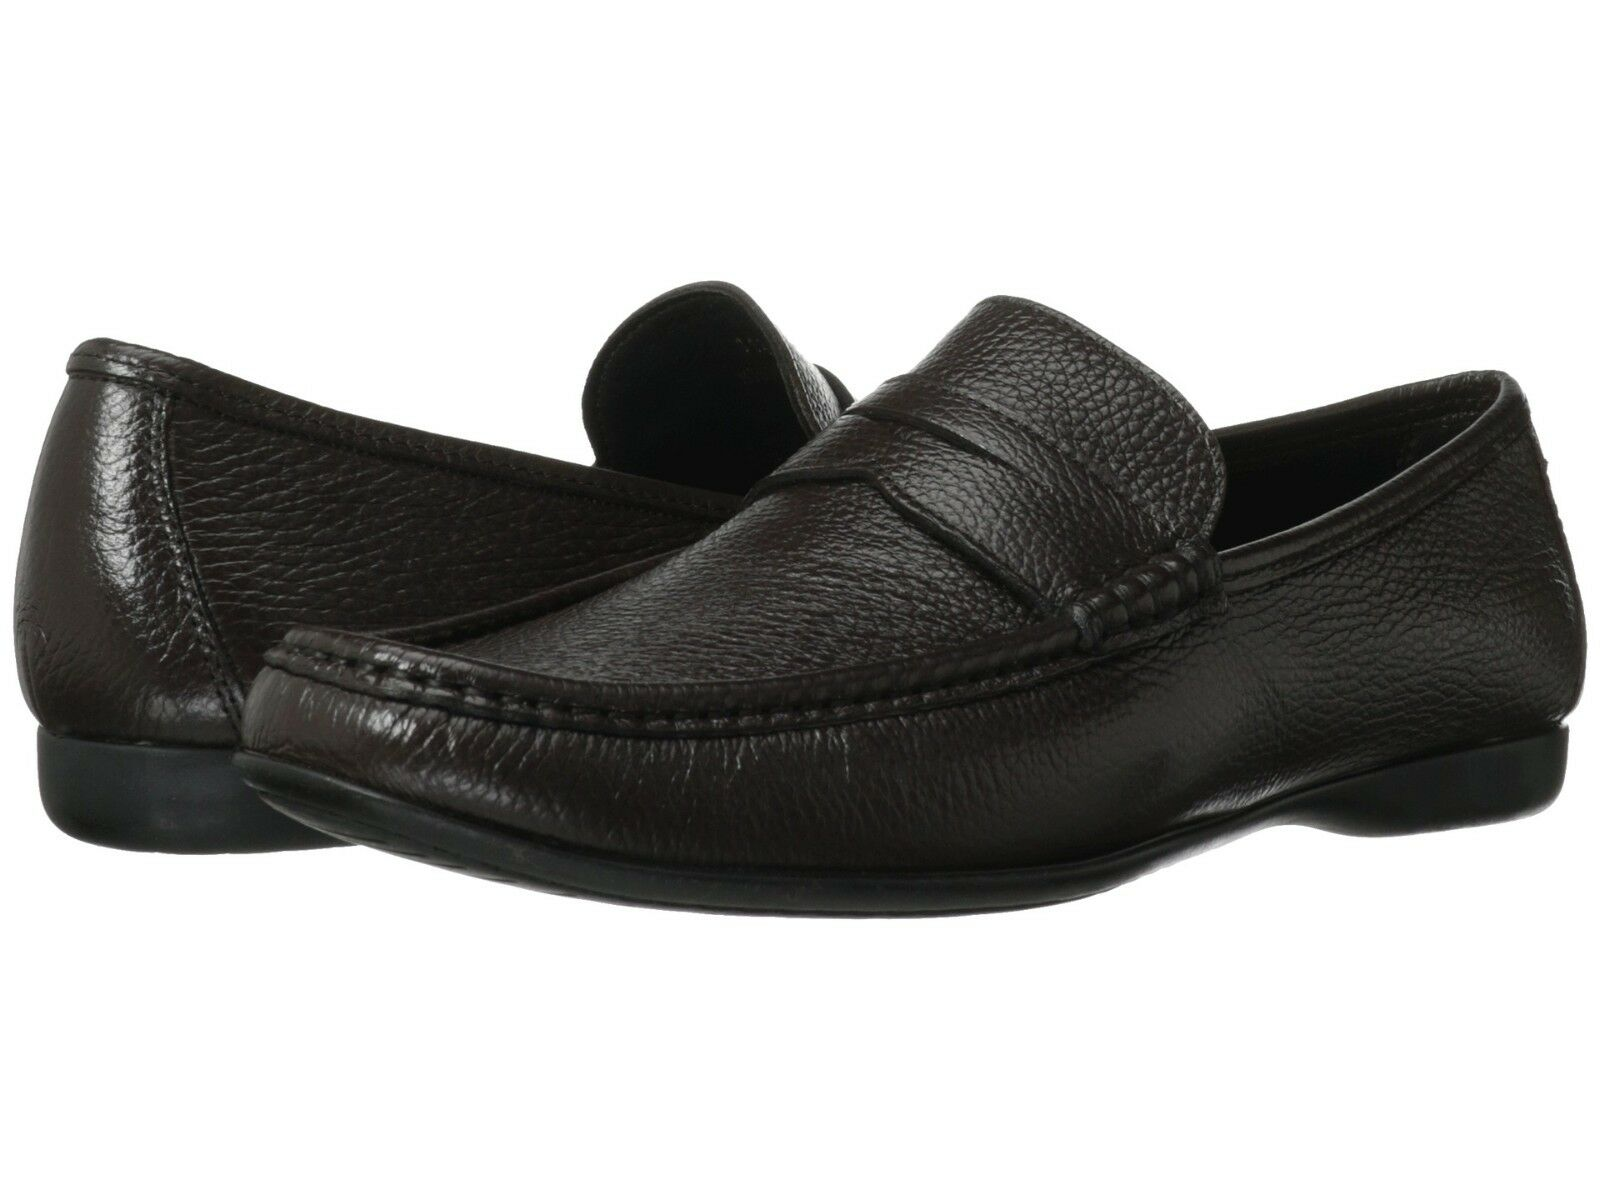 BRUNO MAGLI Partie Men's Leather CASUAL